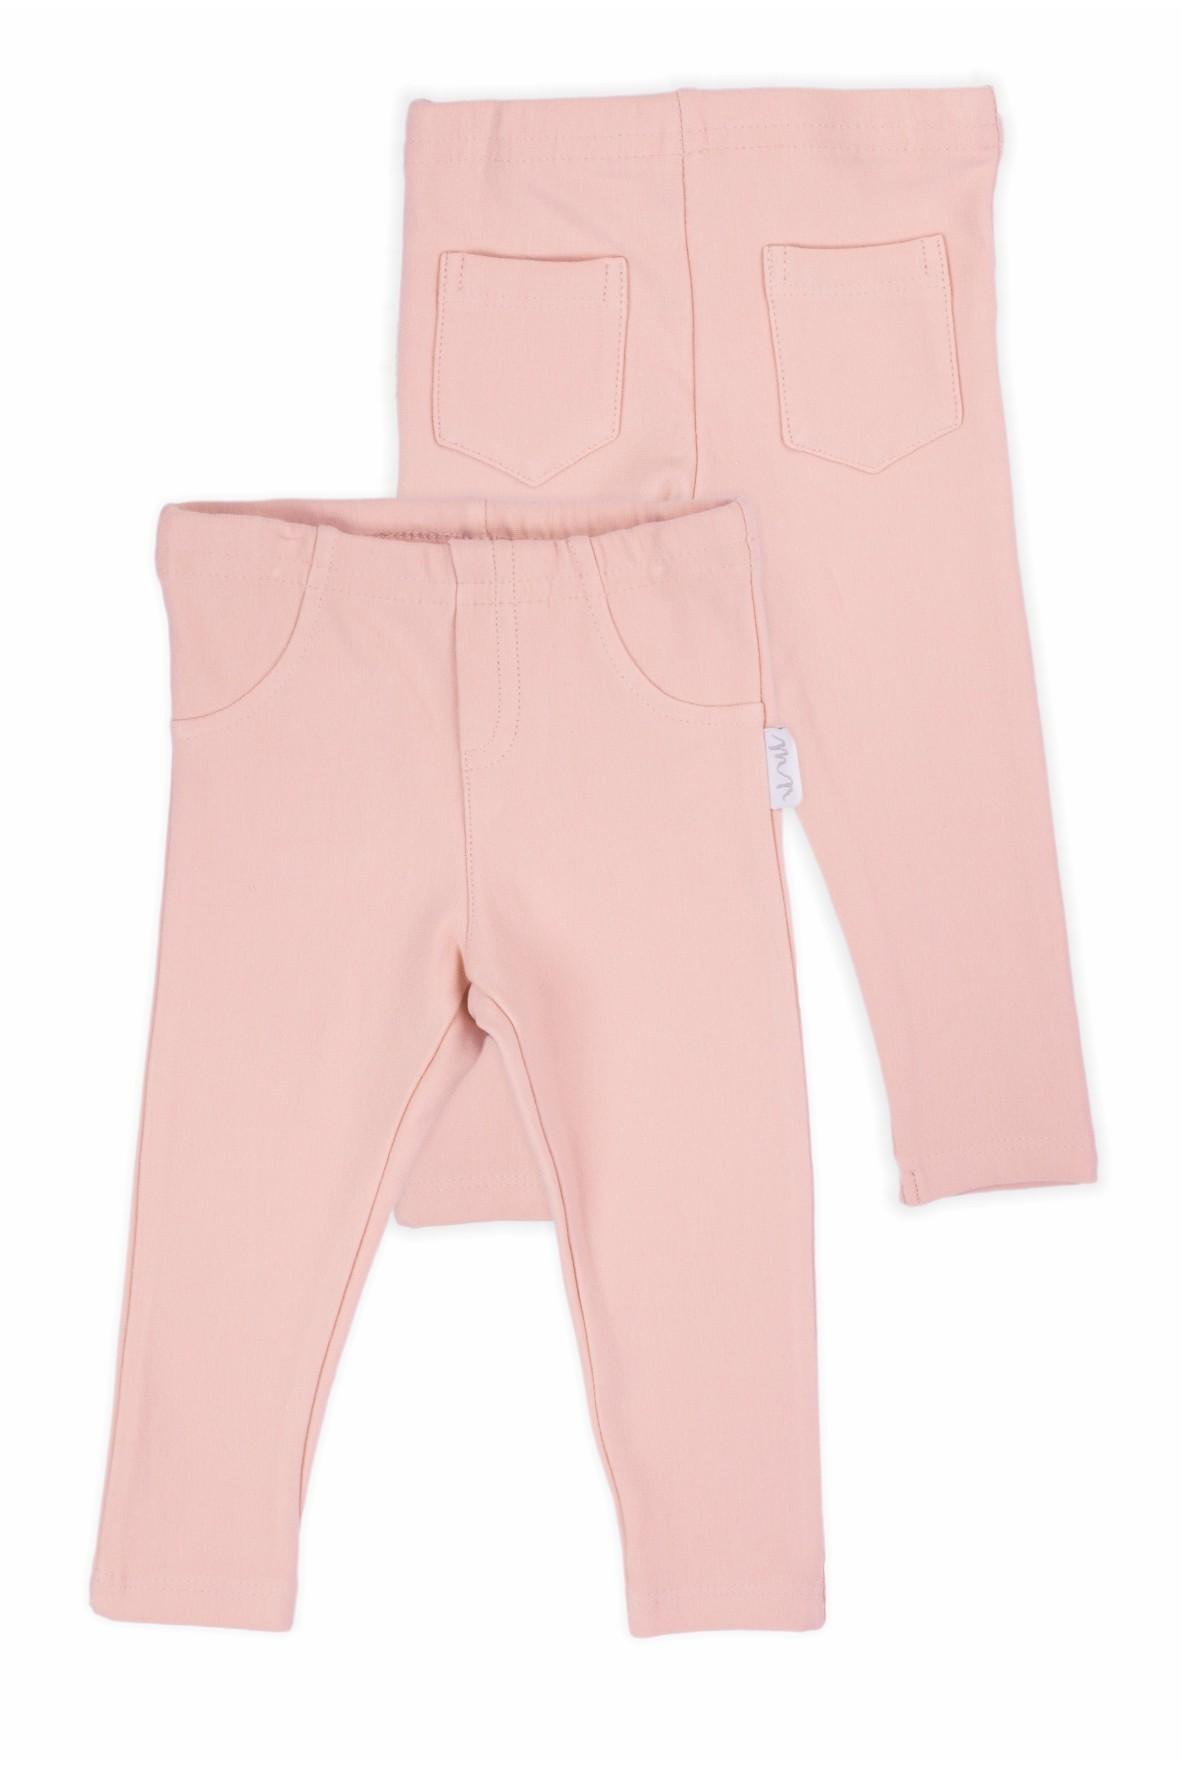 Spodnie dresowe w kolorze pudrowego różu